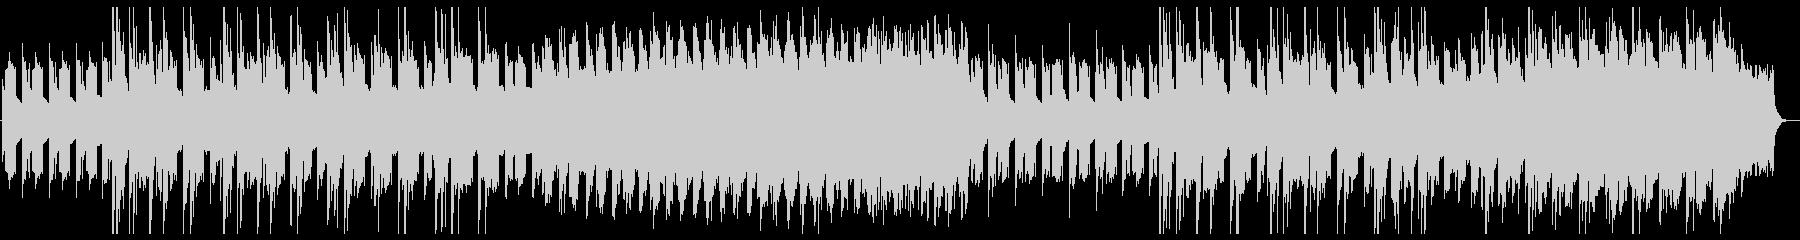 サスペンス,ホラー,ピアノやオルゴールの未再生の波形